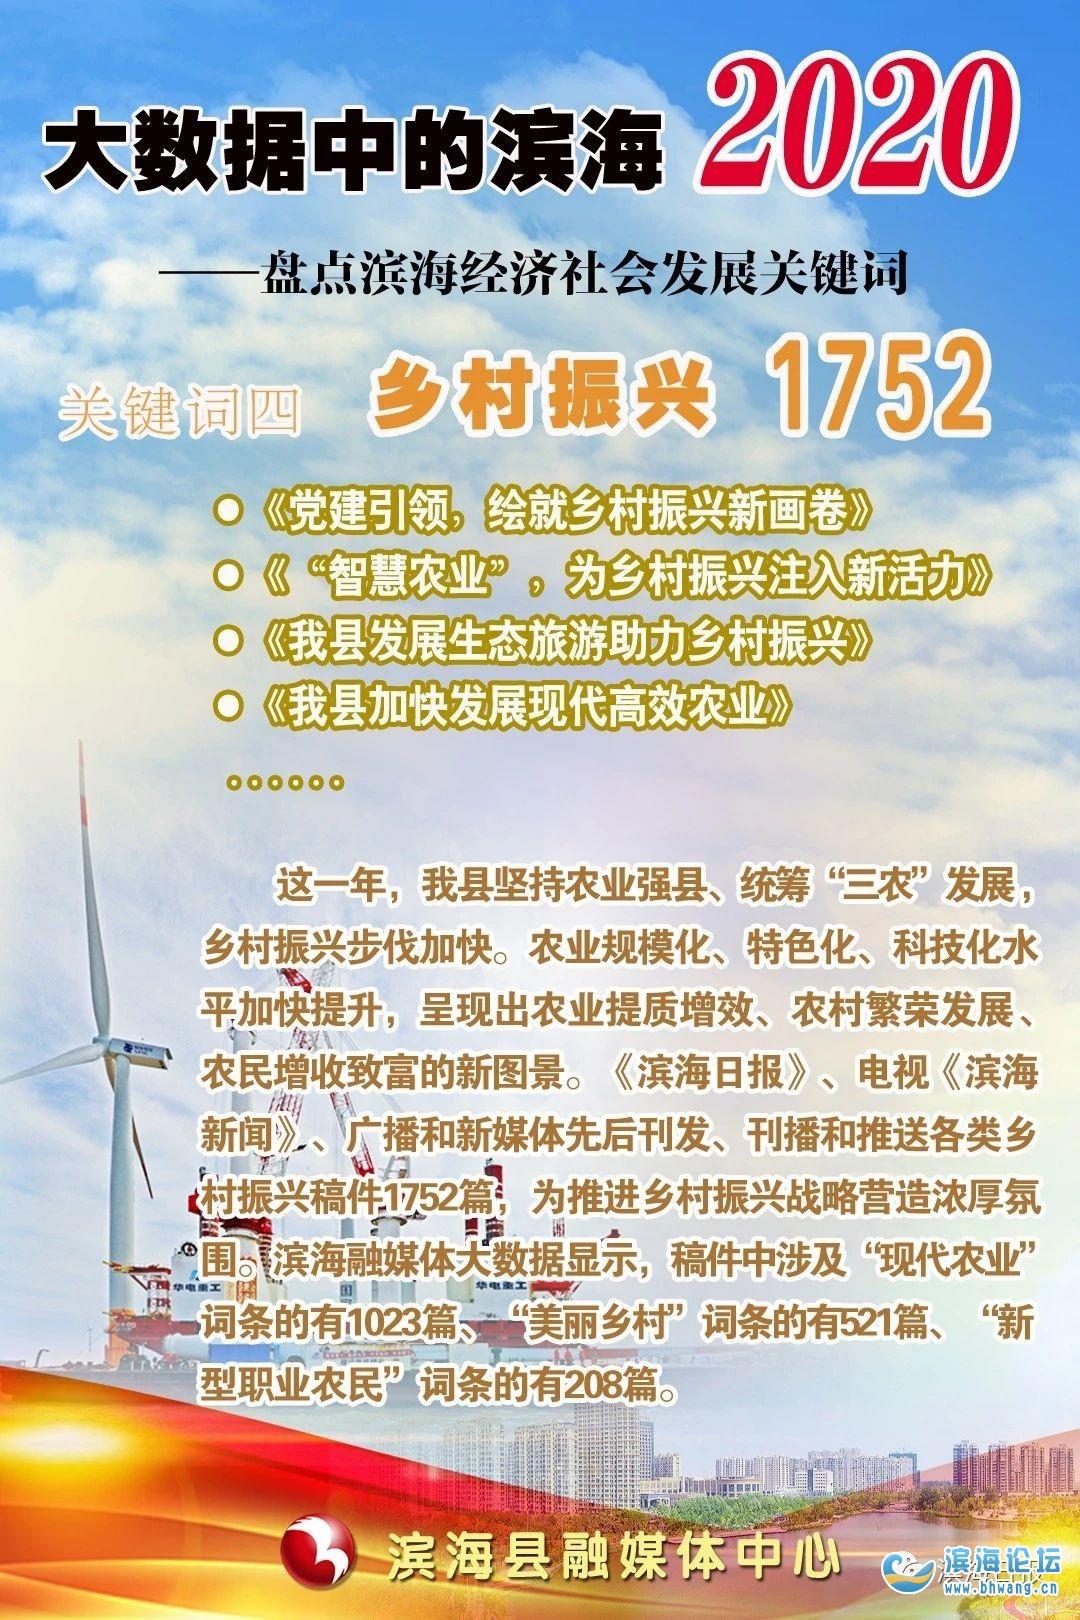 大数据中的滨海2020——盘点滨海经济社会发展关键词四:乡村振兴